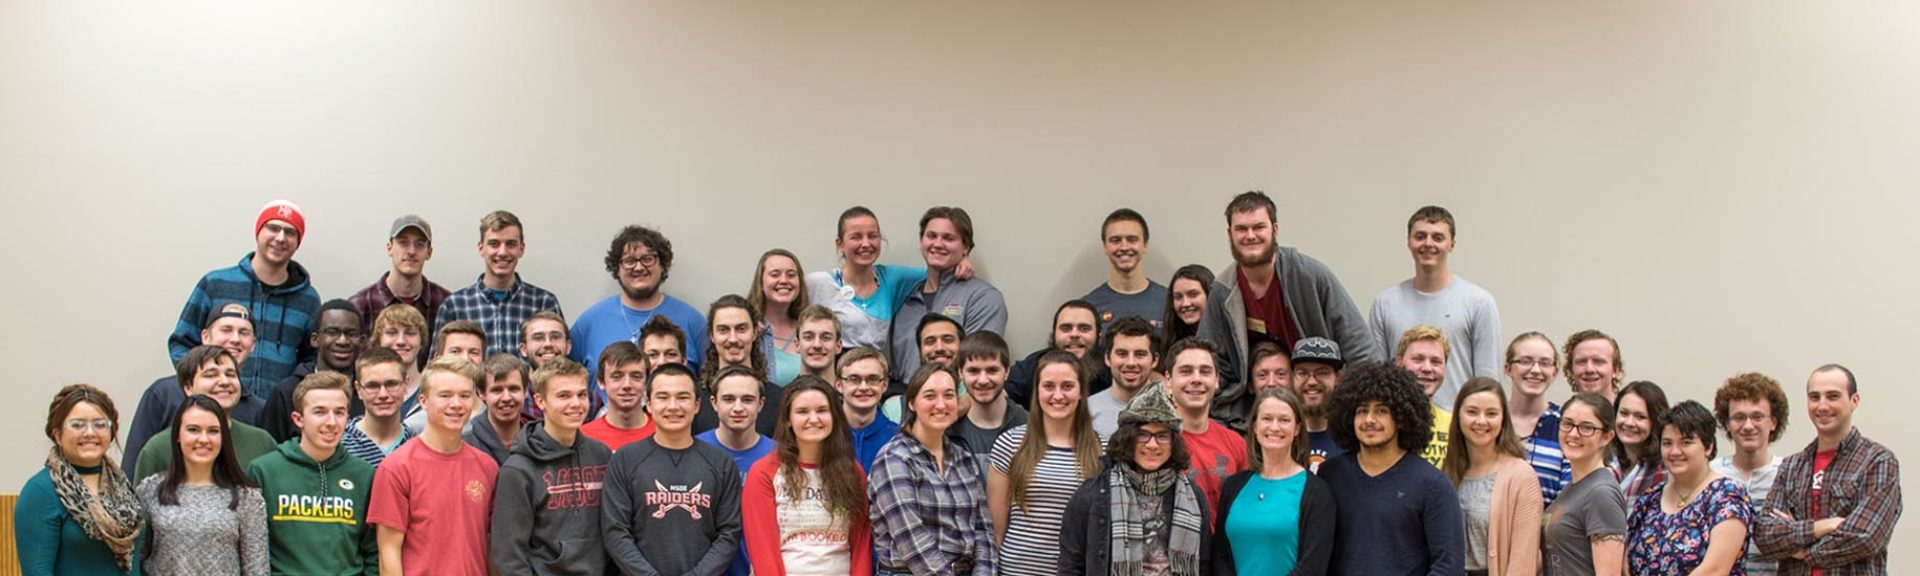 MSOE InterVarsity Christian Fellowship